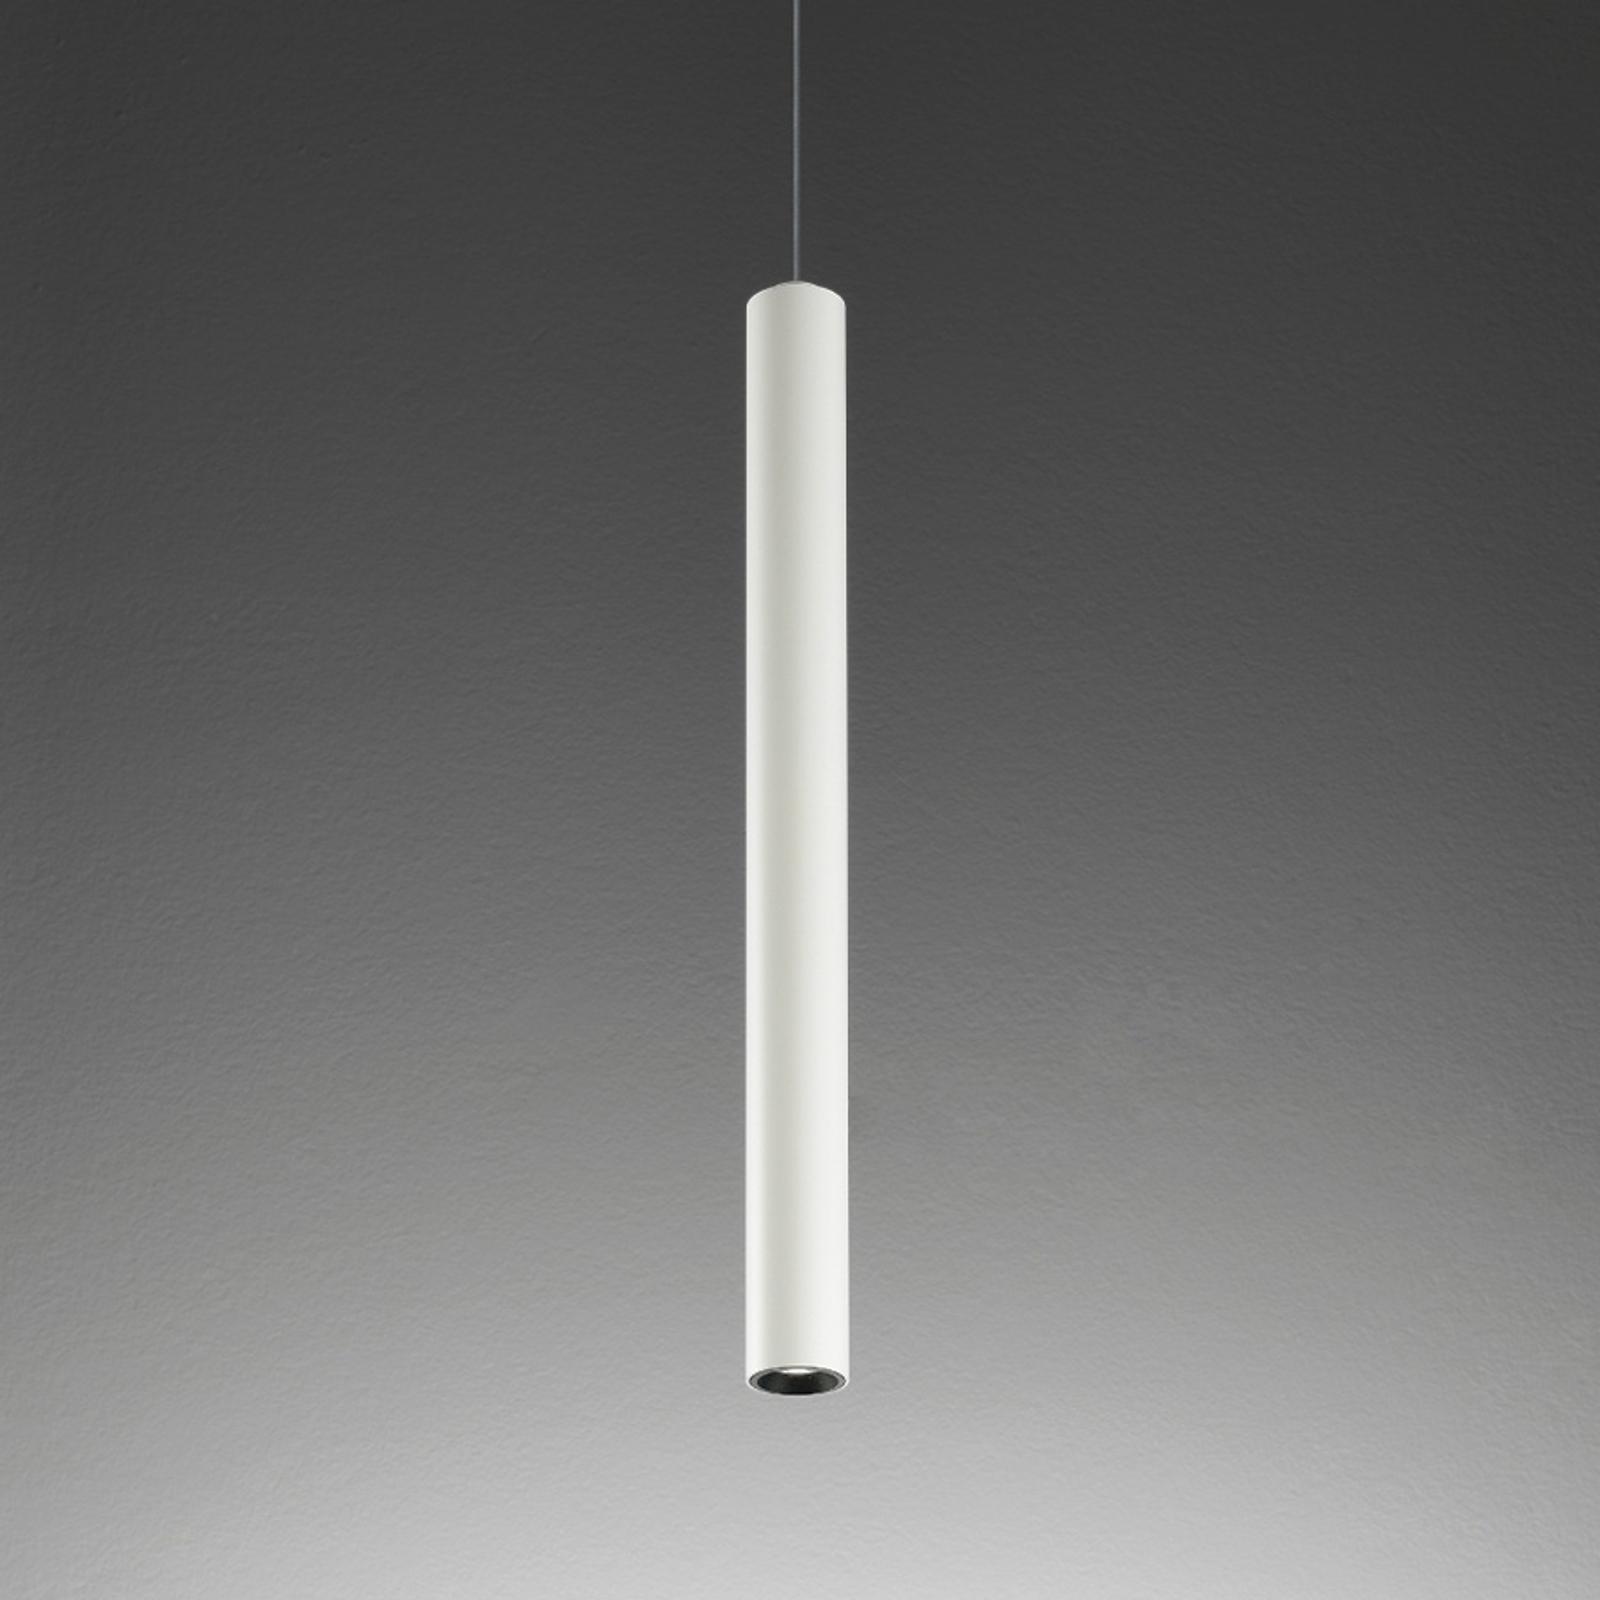 Effektiv LED-hänglampa Lilli